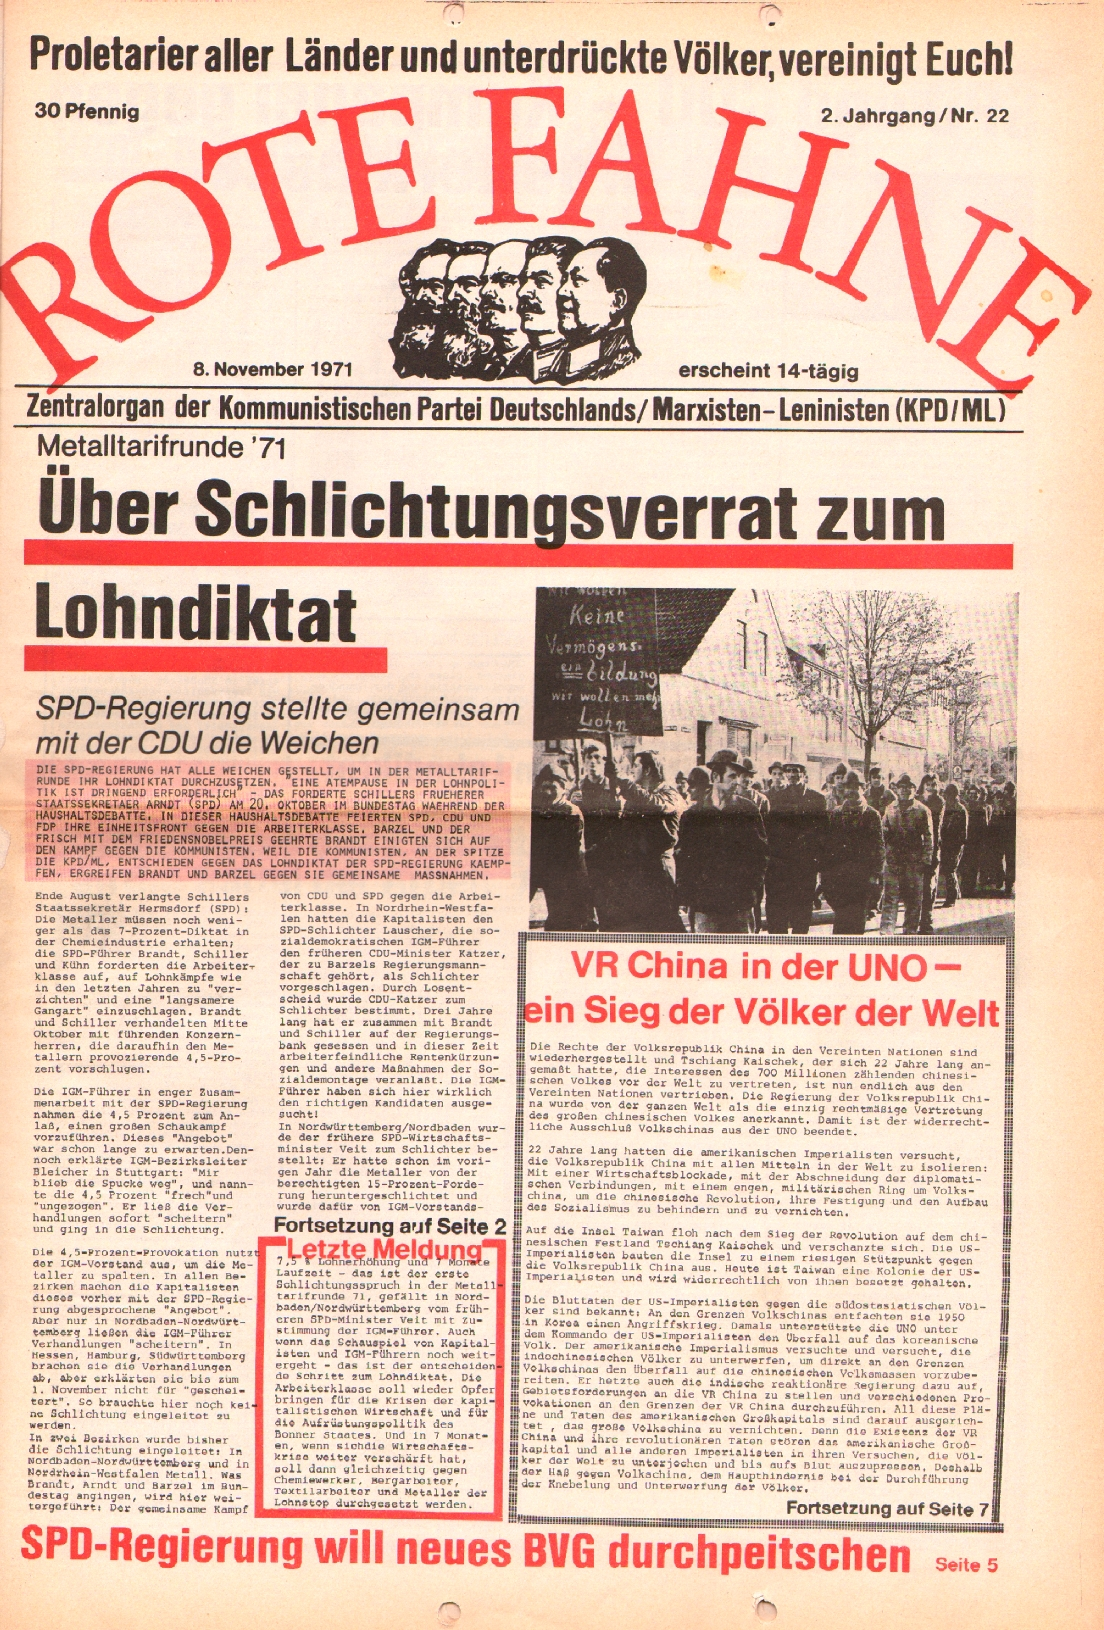 Rote Fahne, 2. Jg., 8.11.1971, Nr. 22, Seite 1